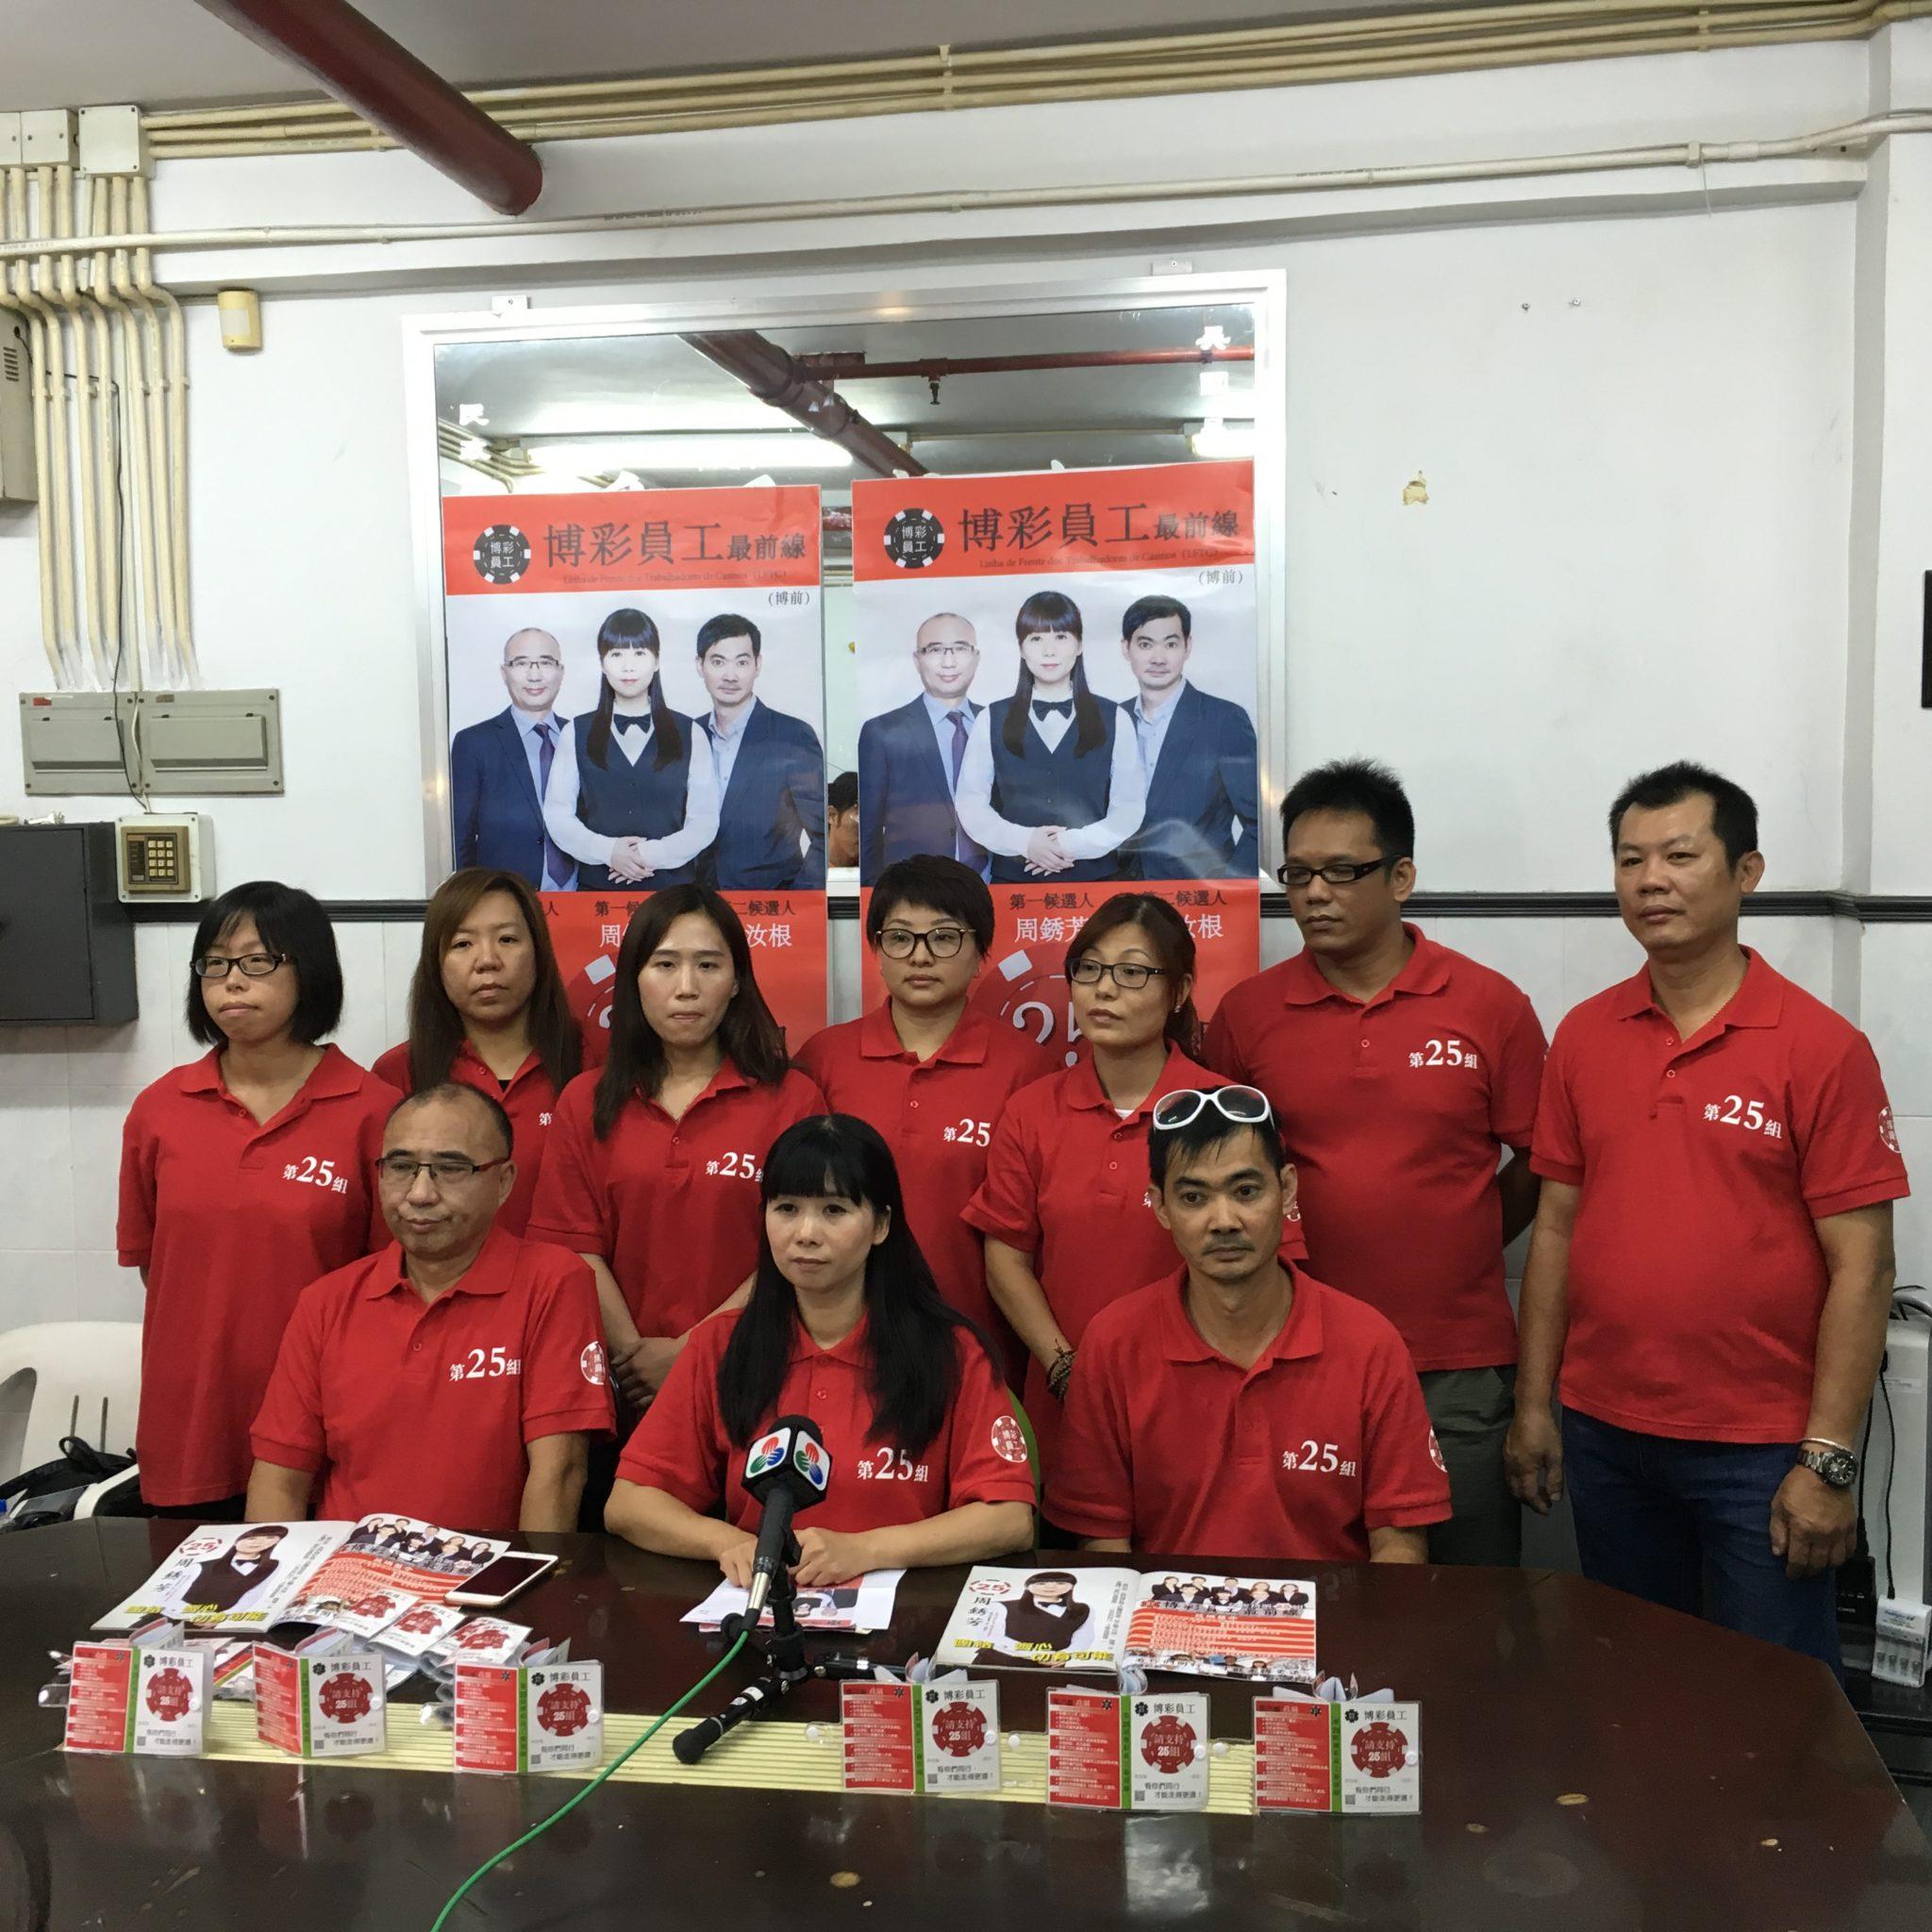 Eleições | Lista de Cloee Chao pede benefícios iguais aos da Função Pública